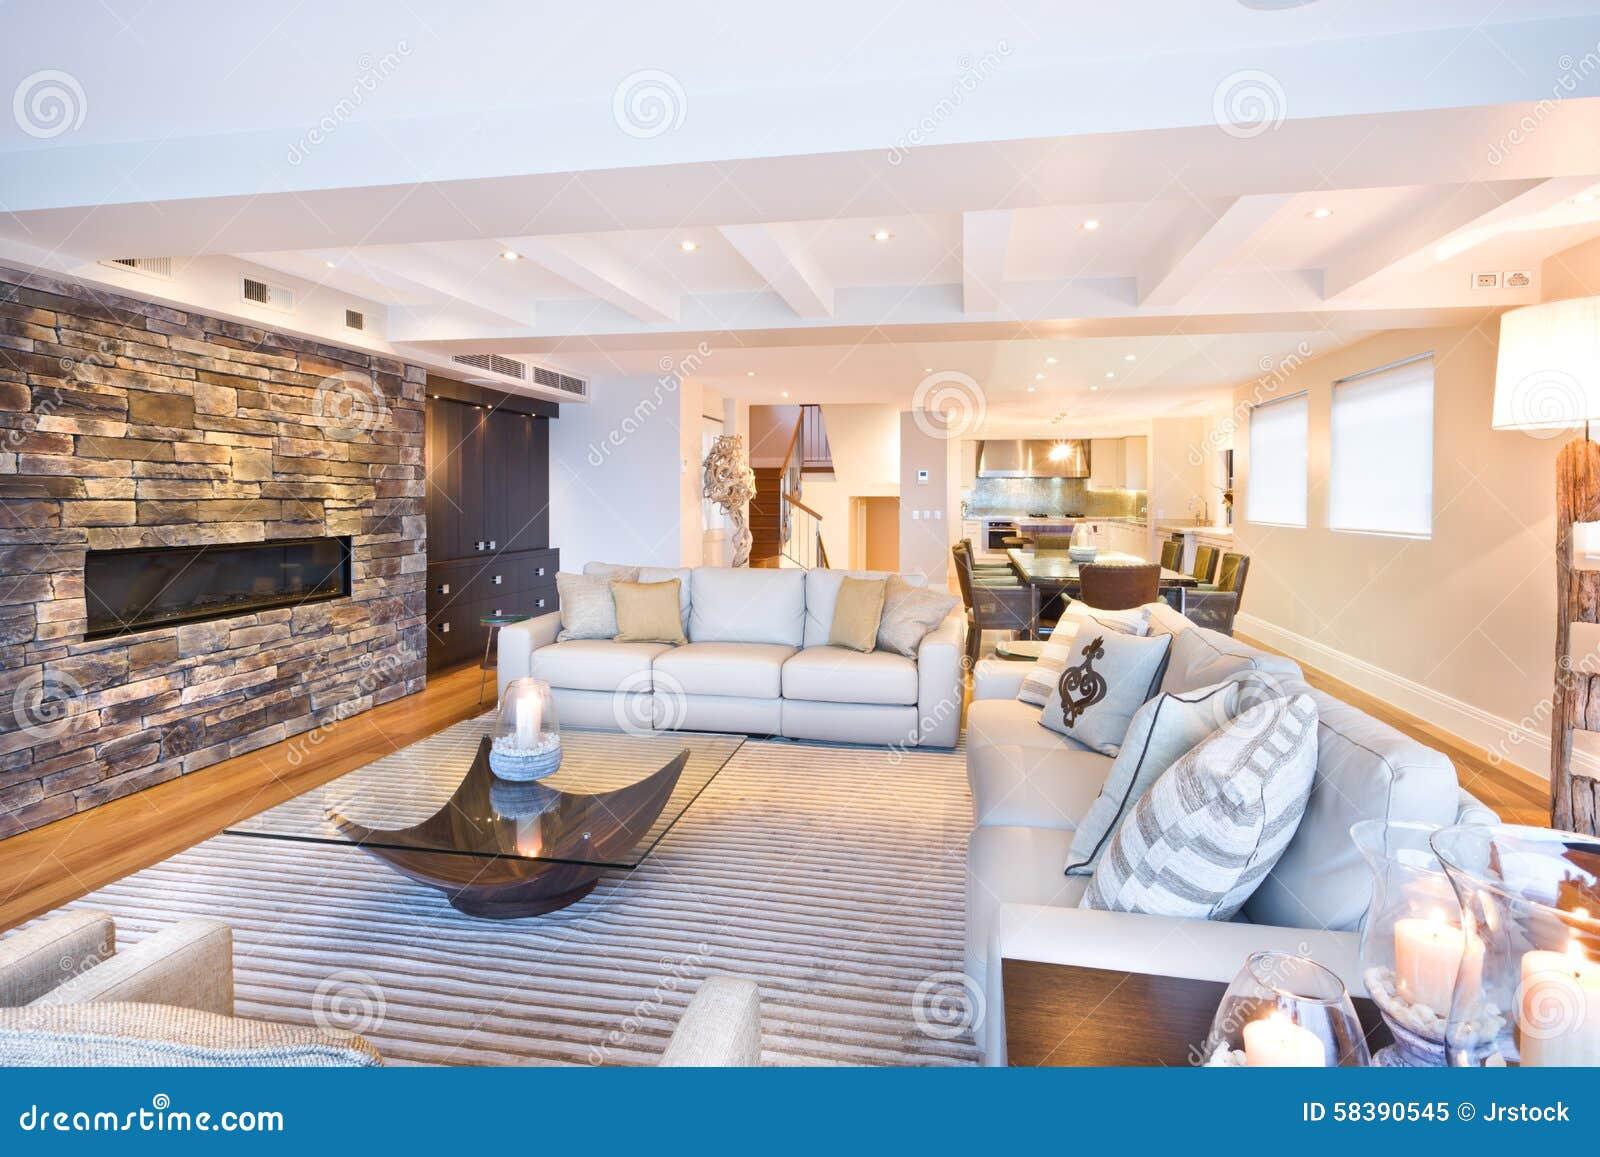 Hemtrevlig vardagsrum med en stenvägg arkivfoto   bild: 58390545